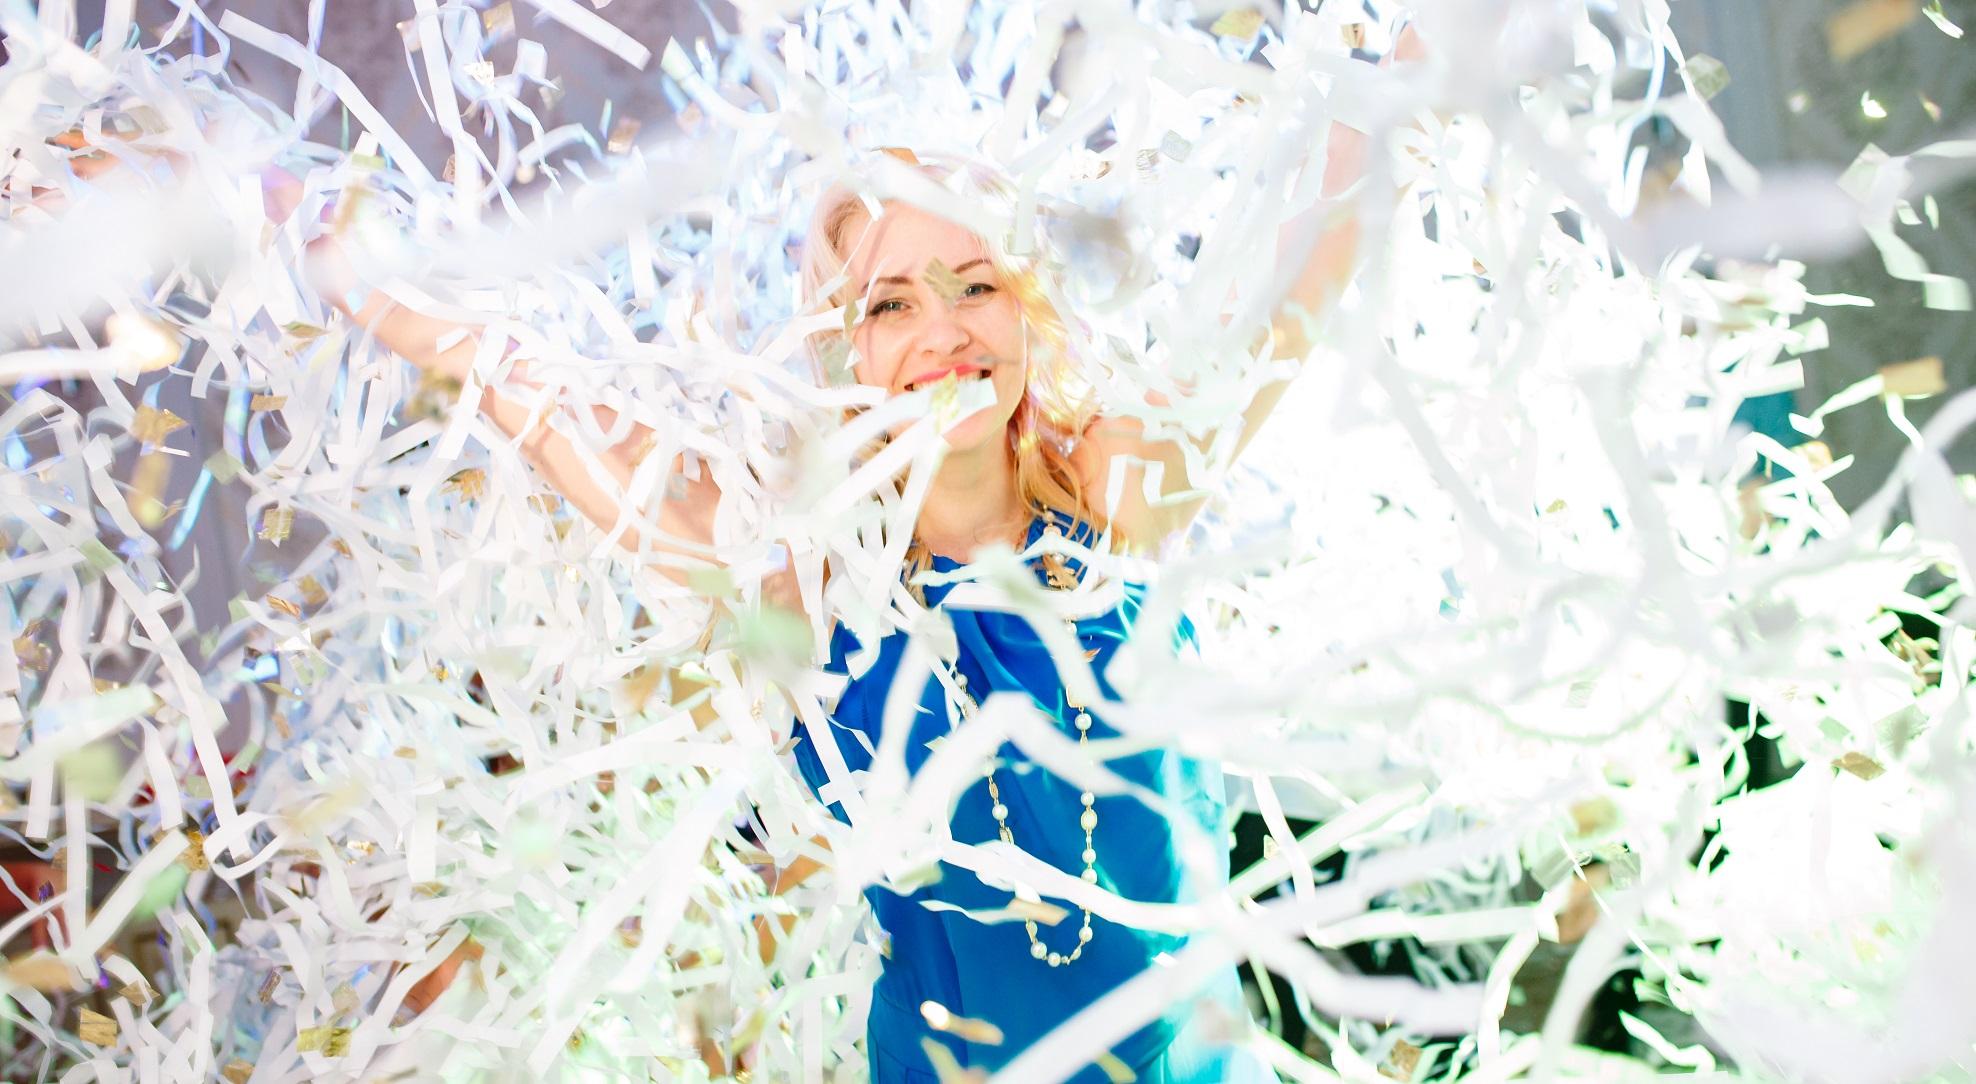 """Бумажное шоу """"Сегодня праздник!"""" - драйв, веселье и море положительных эмоций!"""